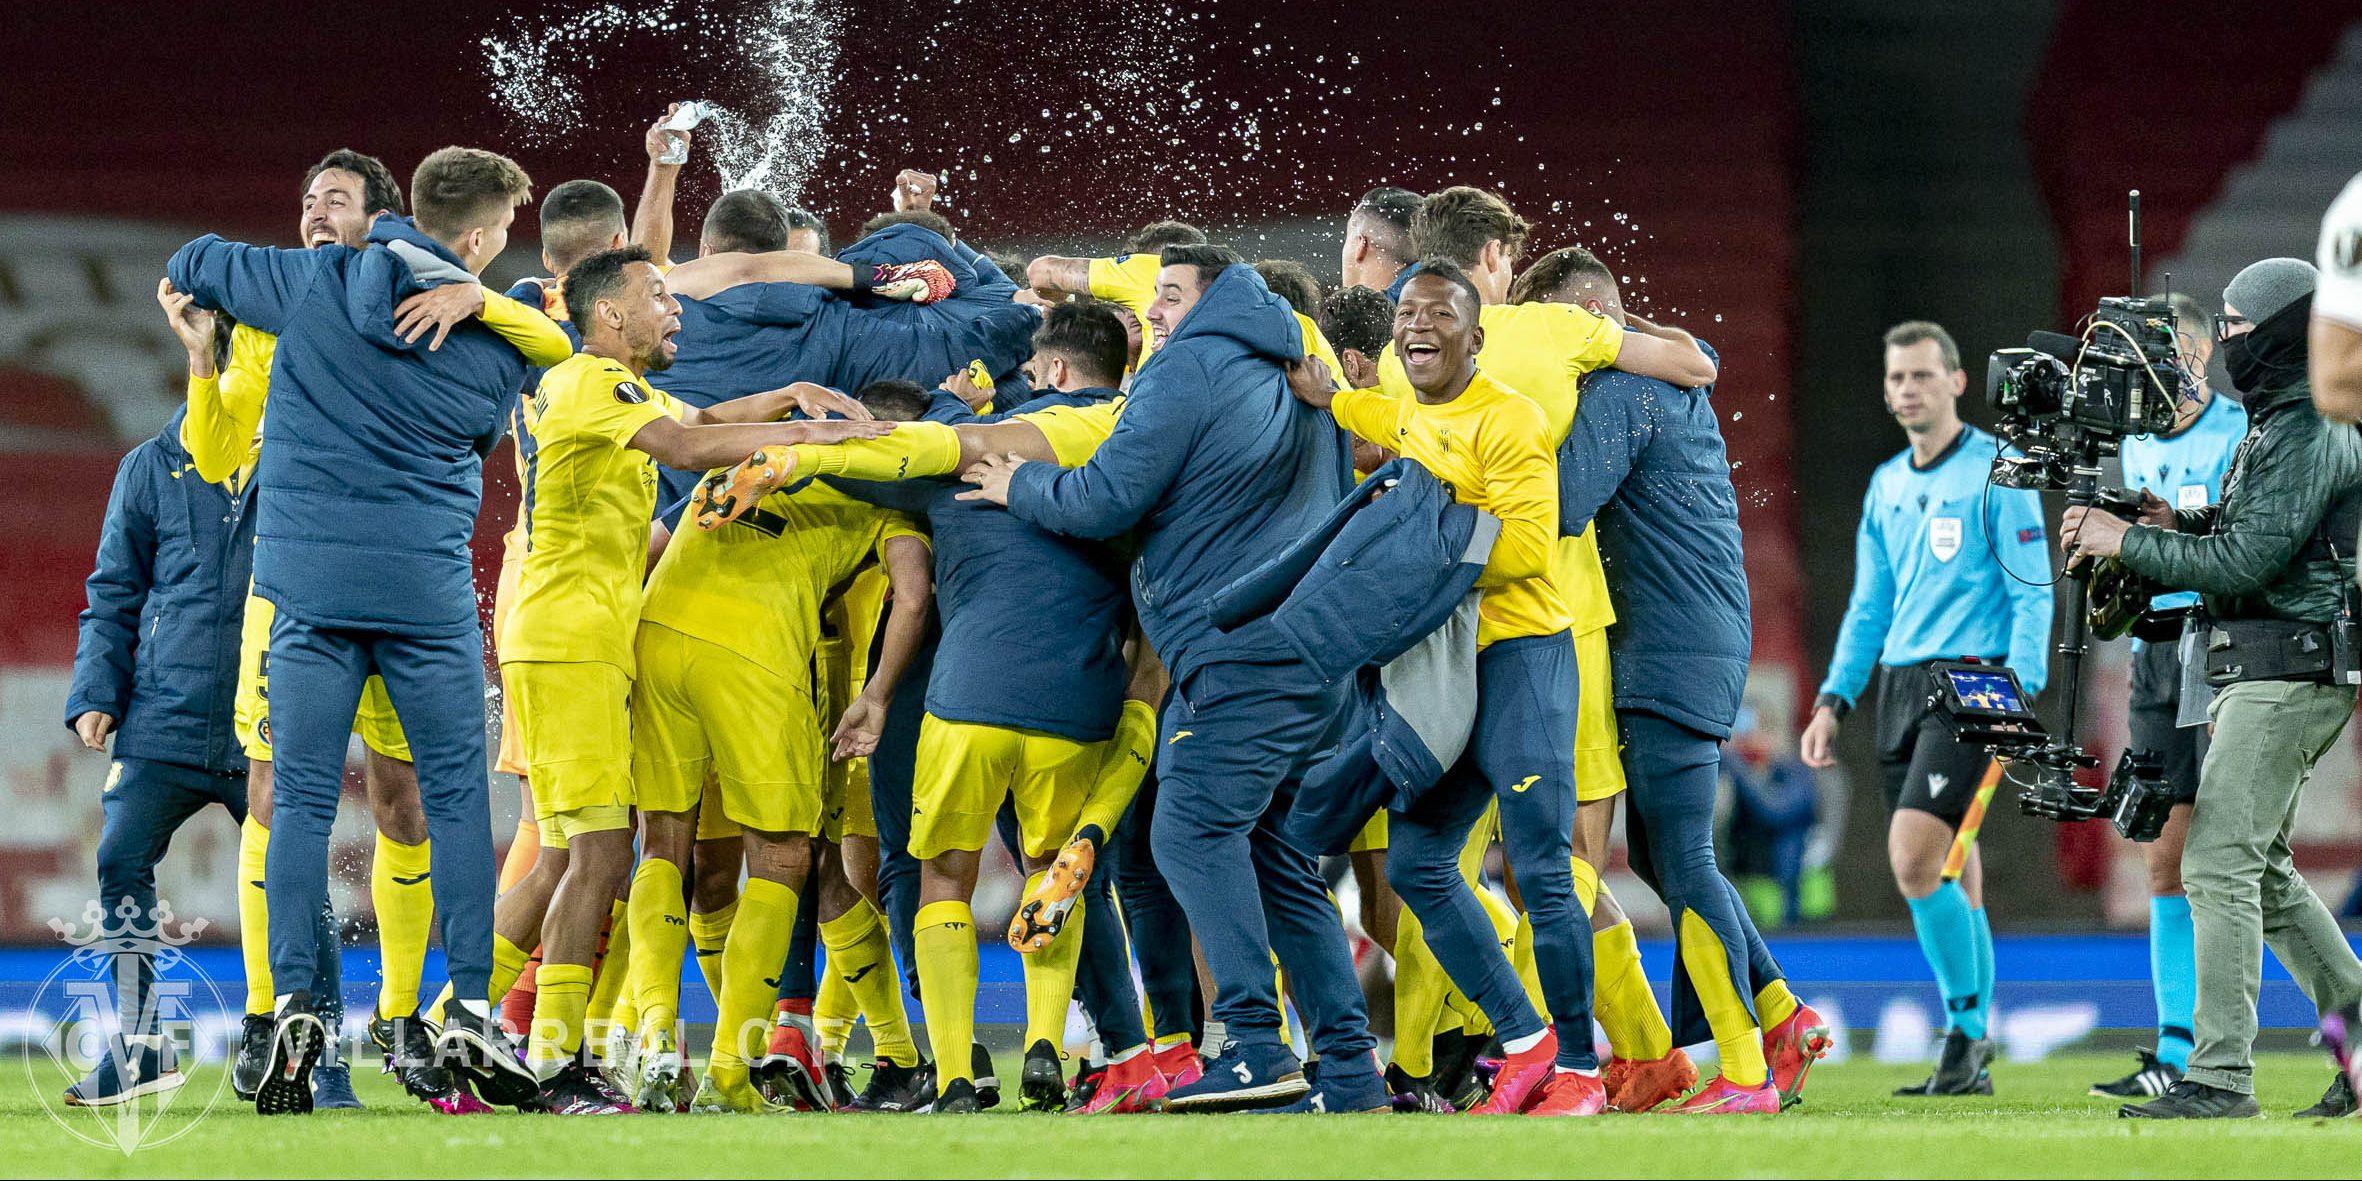 Els jugadors del Vila-real celebren la classificació per a la final de l'Europa League | Vila-real CF